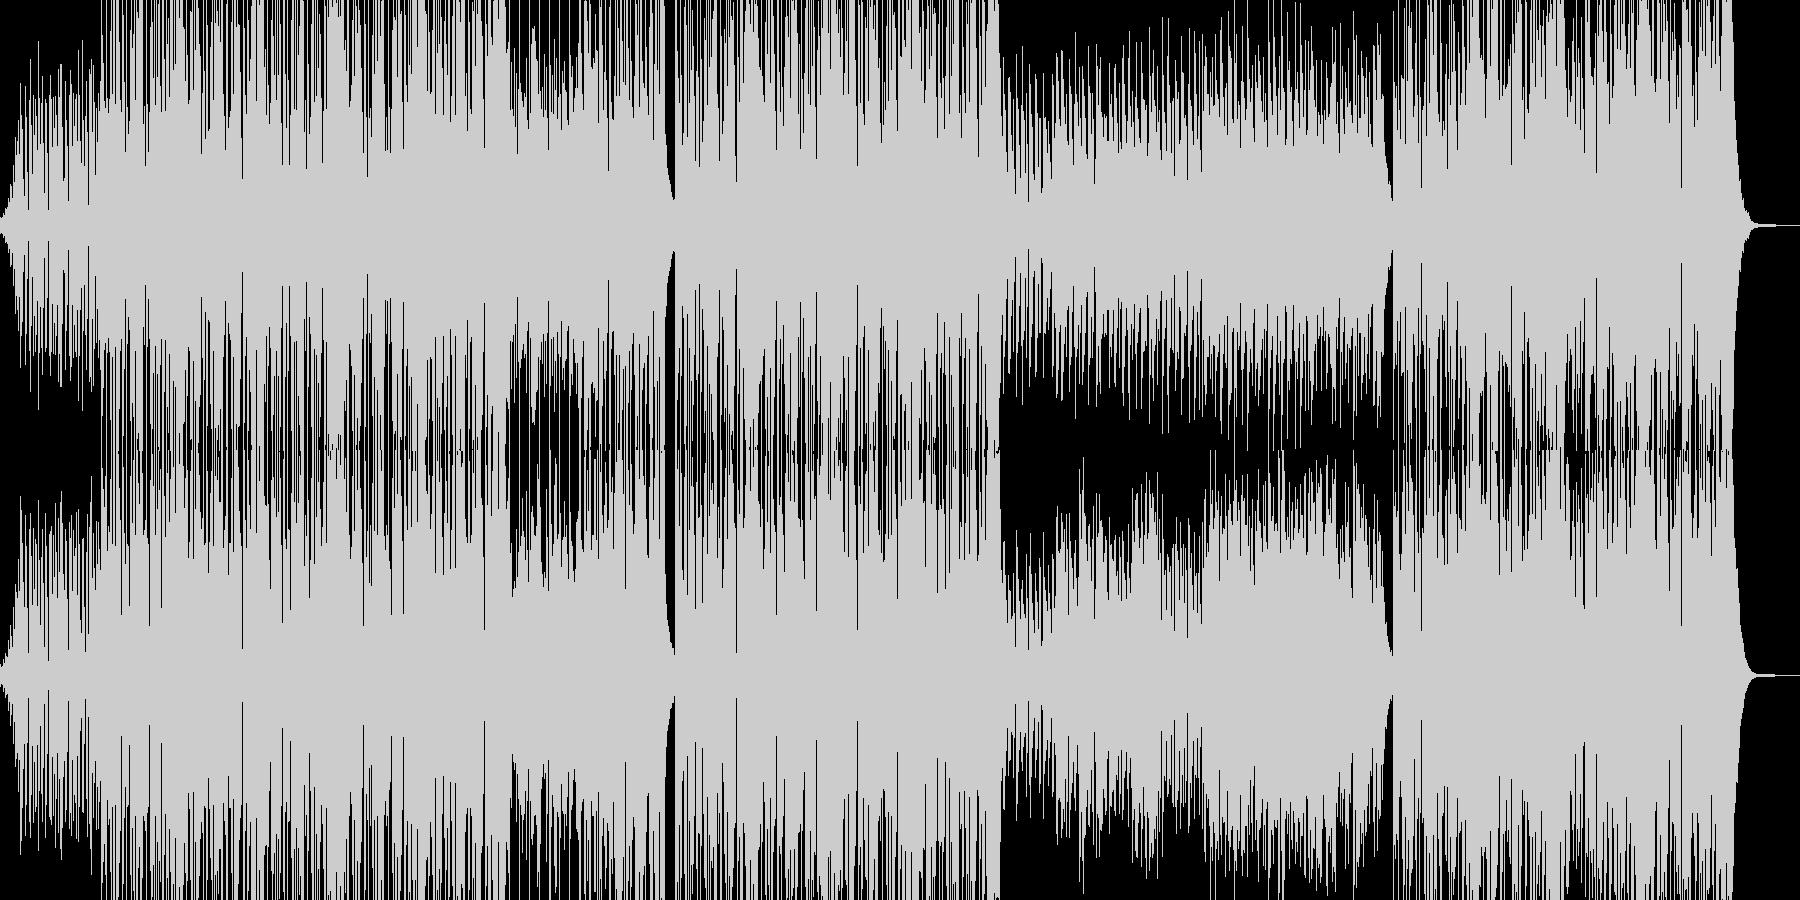 ご機嫌なジャズRBトラックの未再生の波形